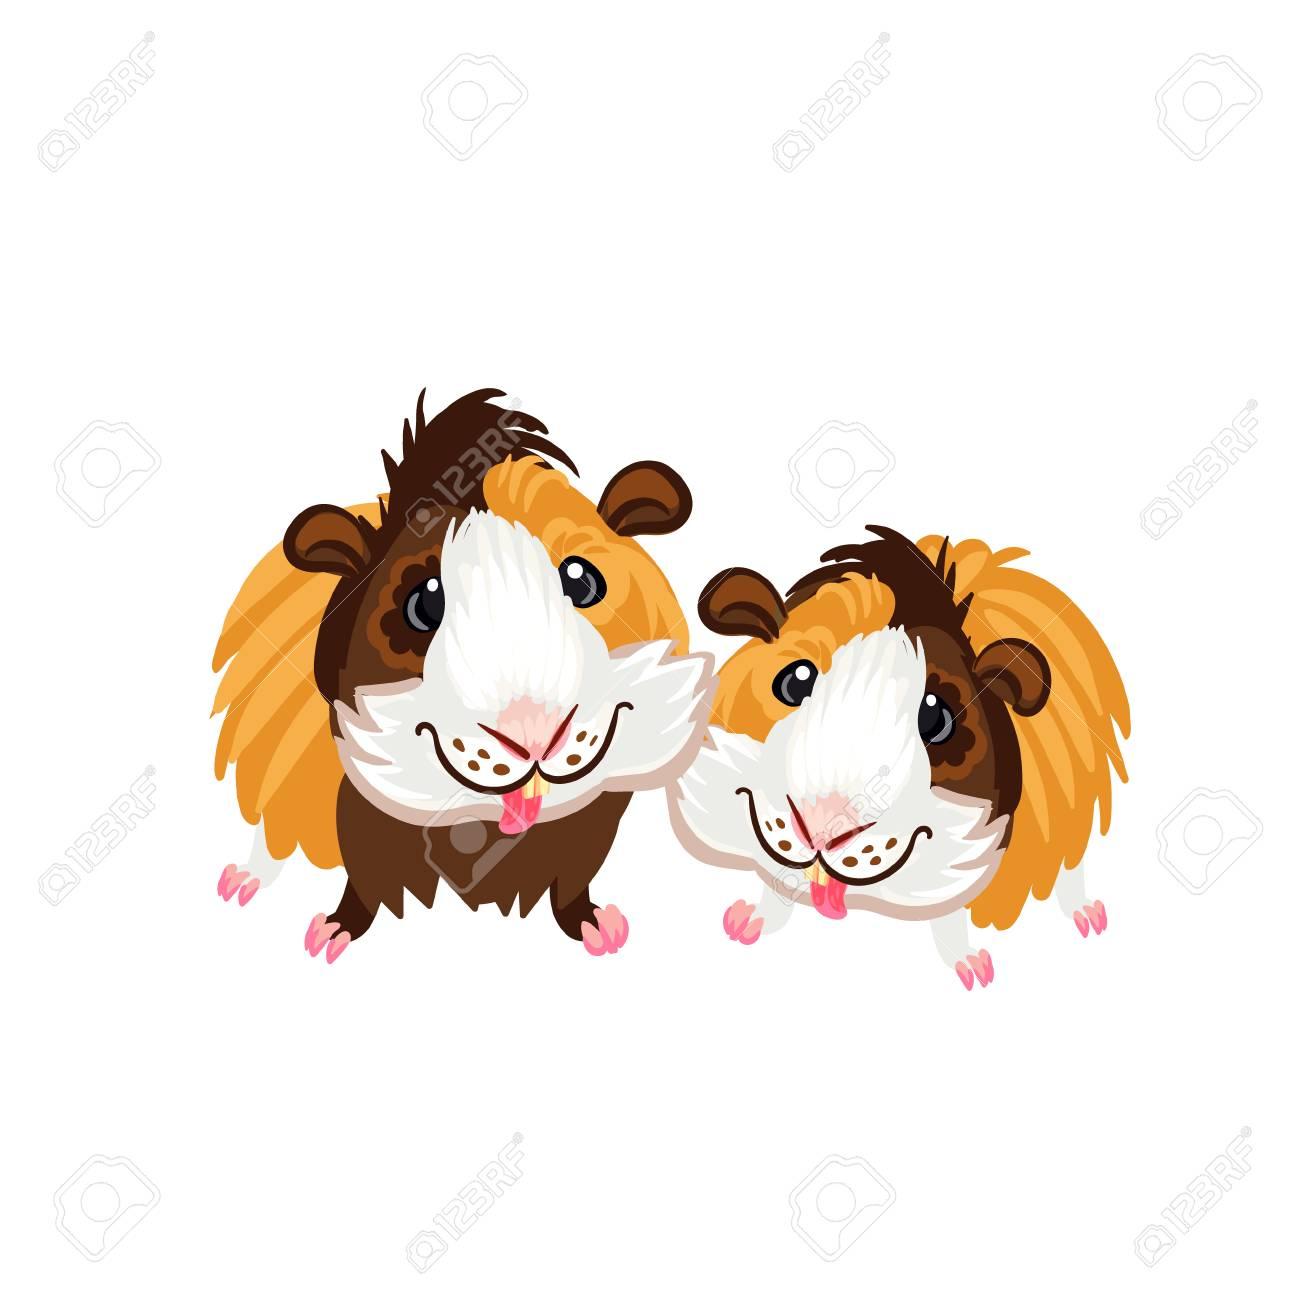 hight resolution of guinea pig little cute homemade cartoon fun art piggy clipart stock vector 102210359